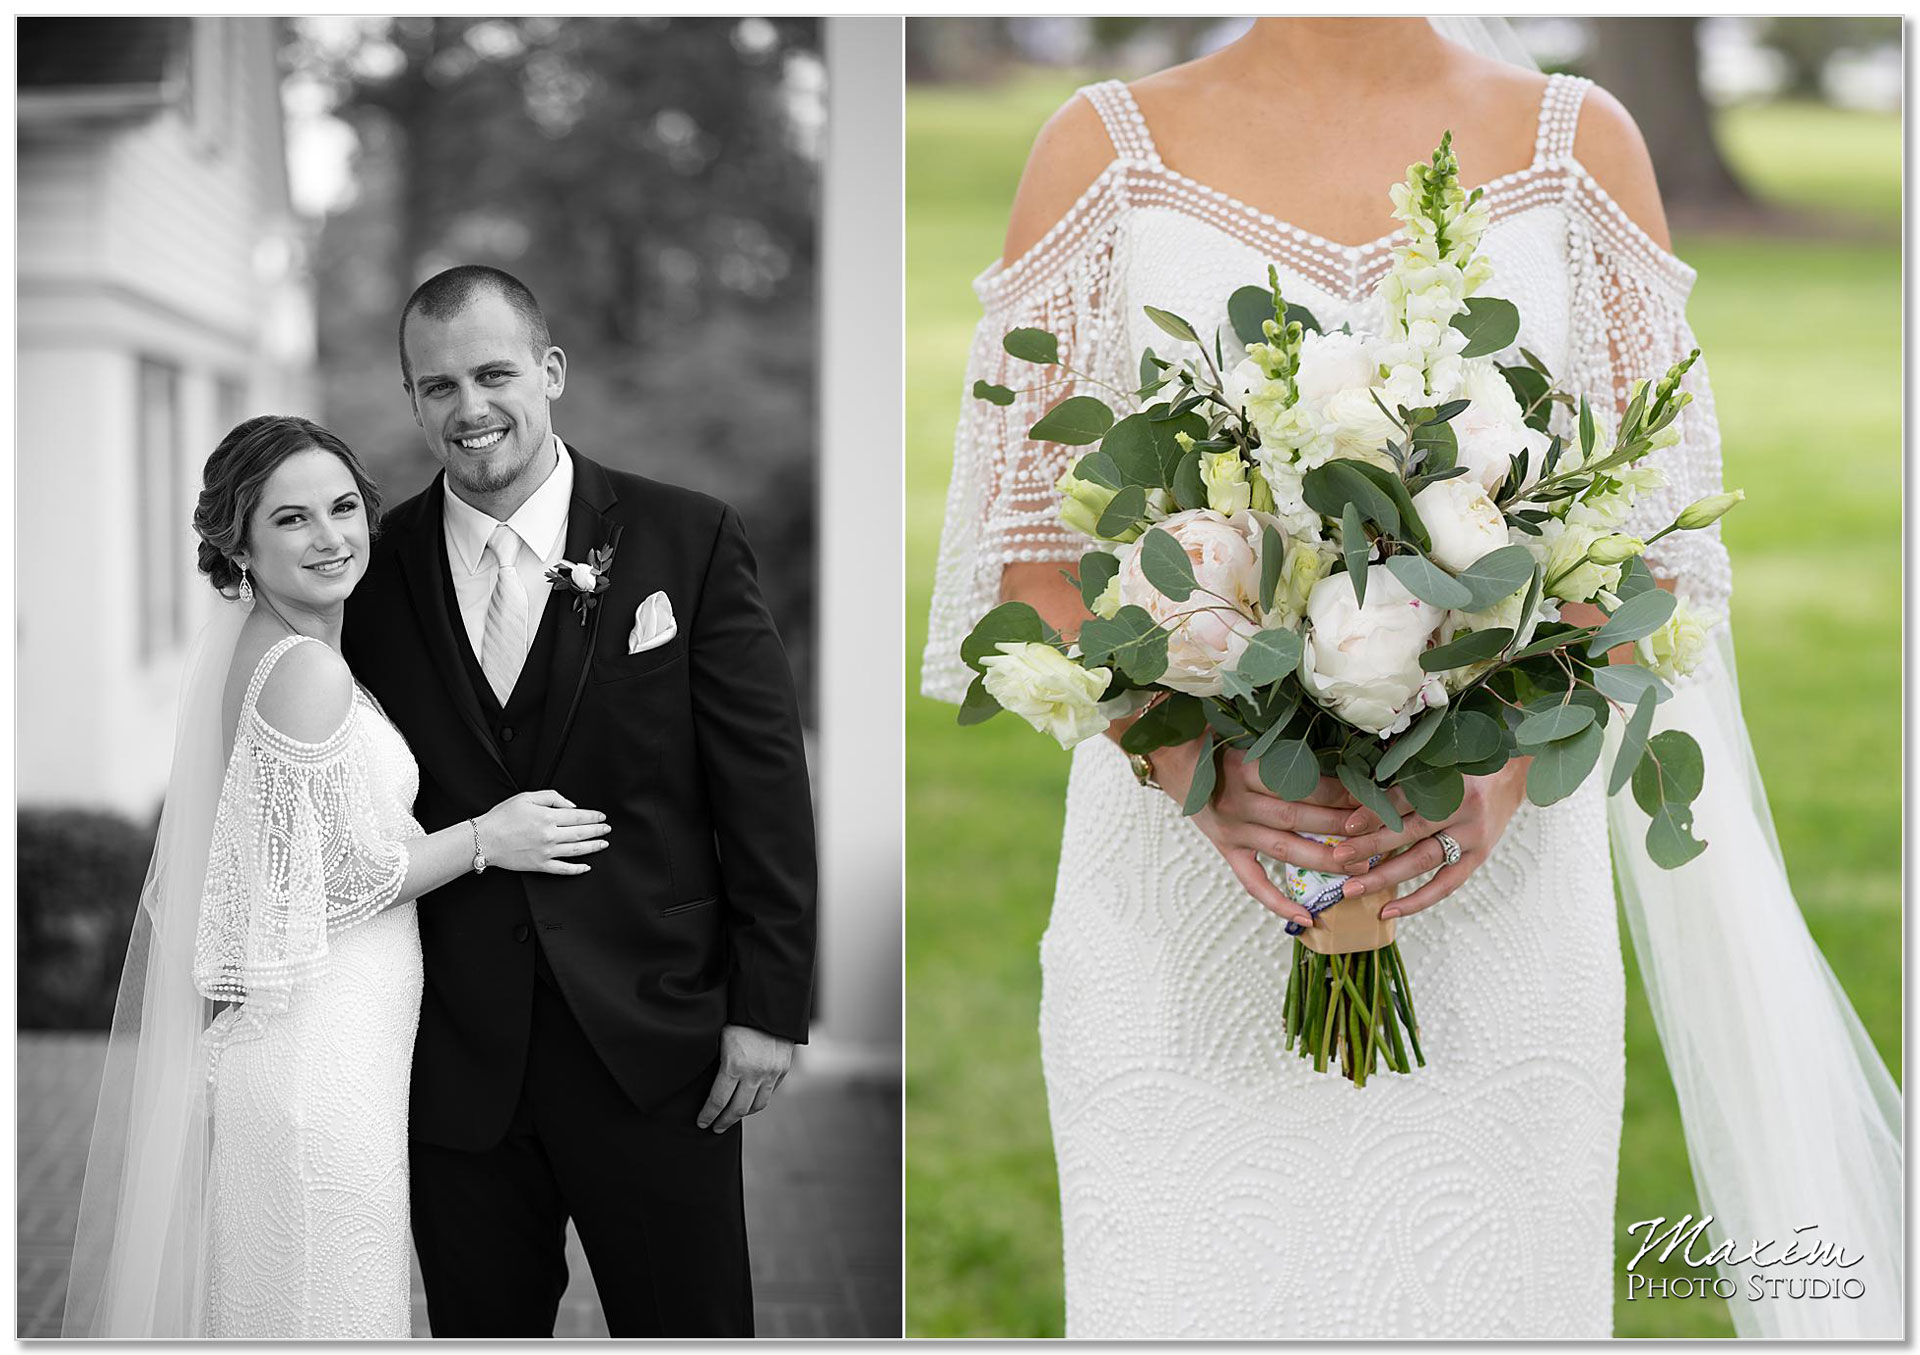 The Flowerman Wedding Flowers